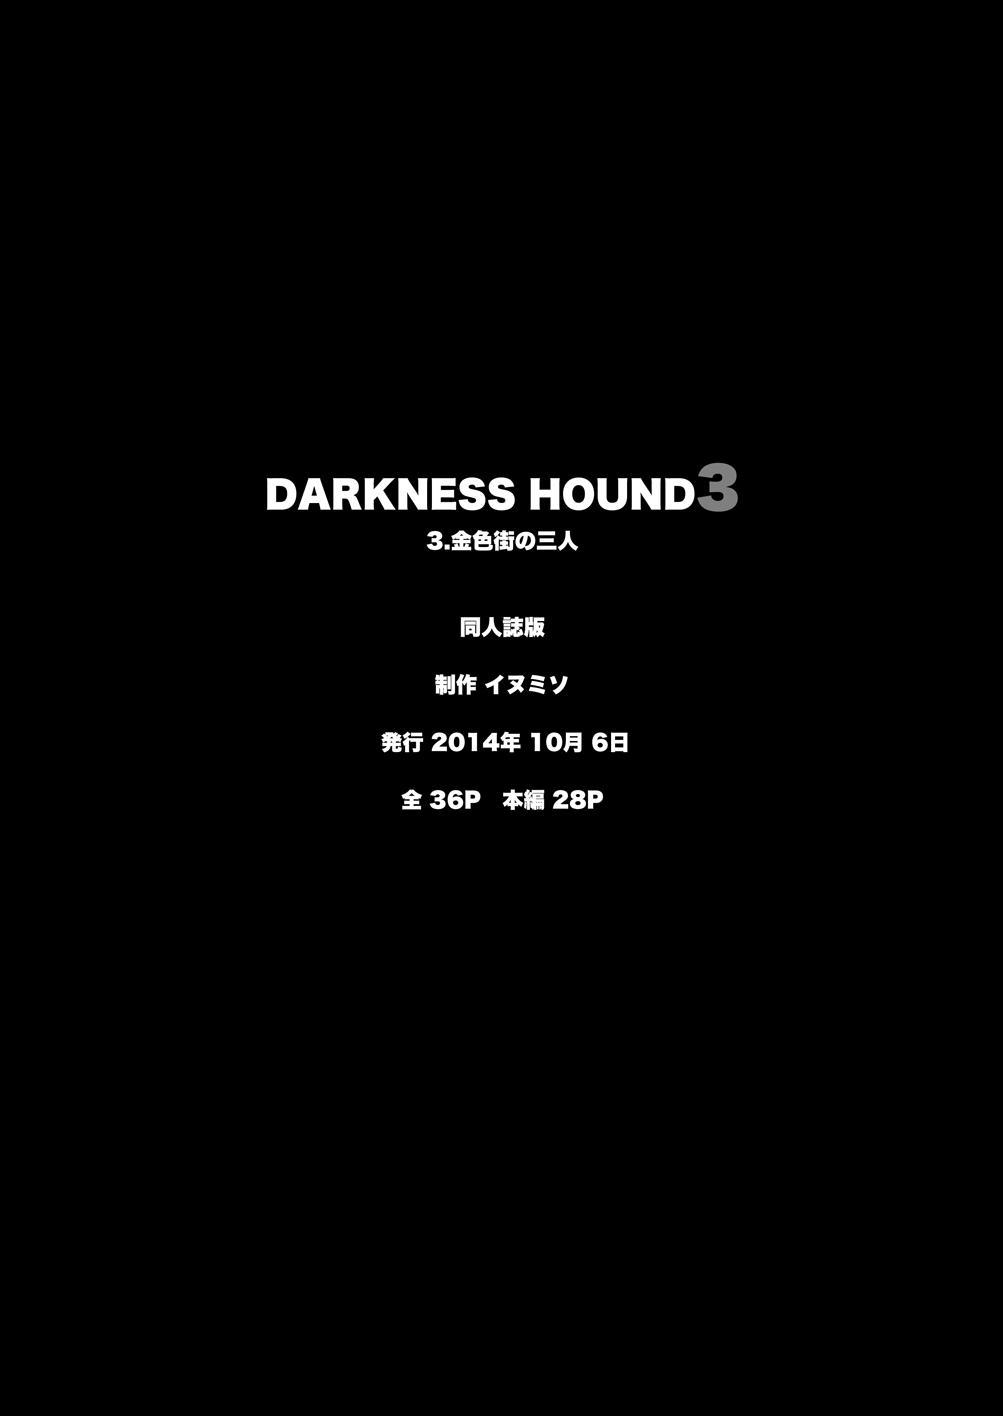 Darkness Hound 3 30